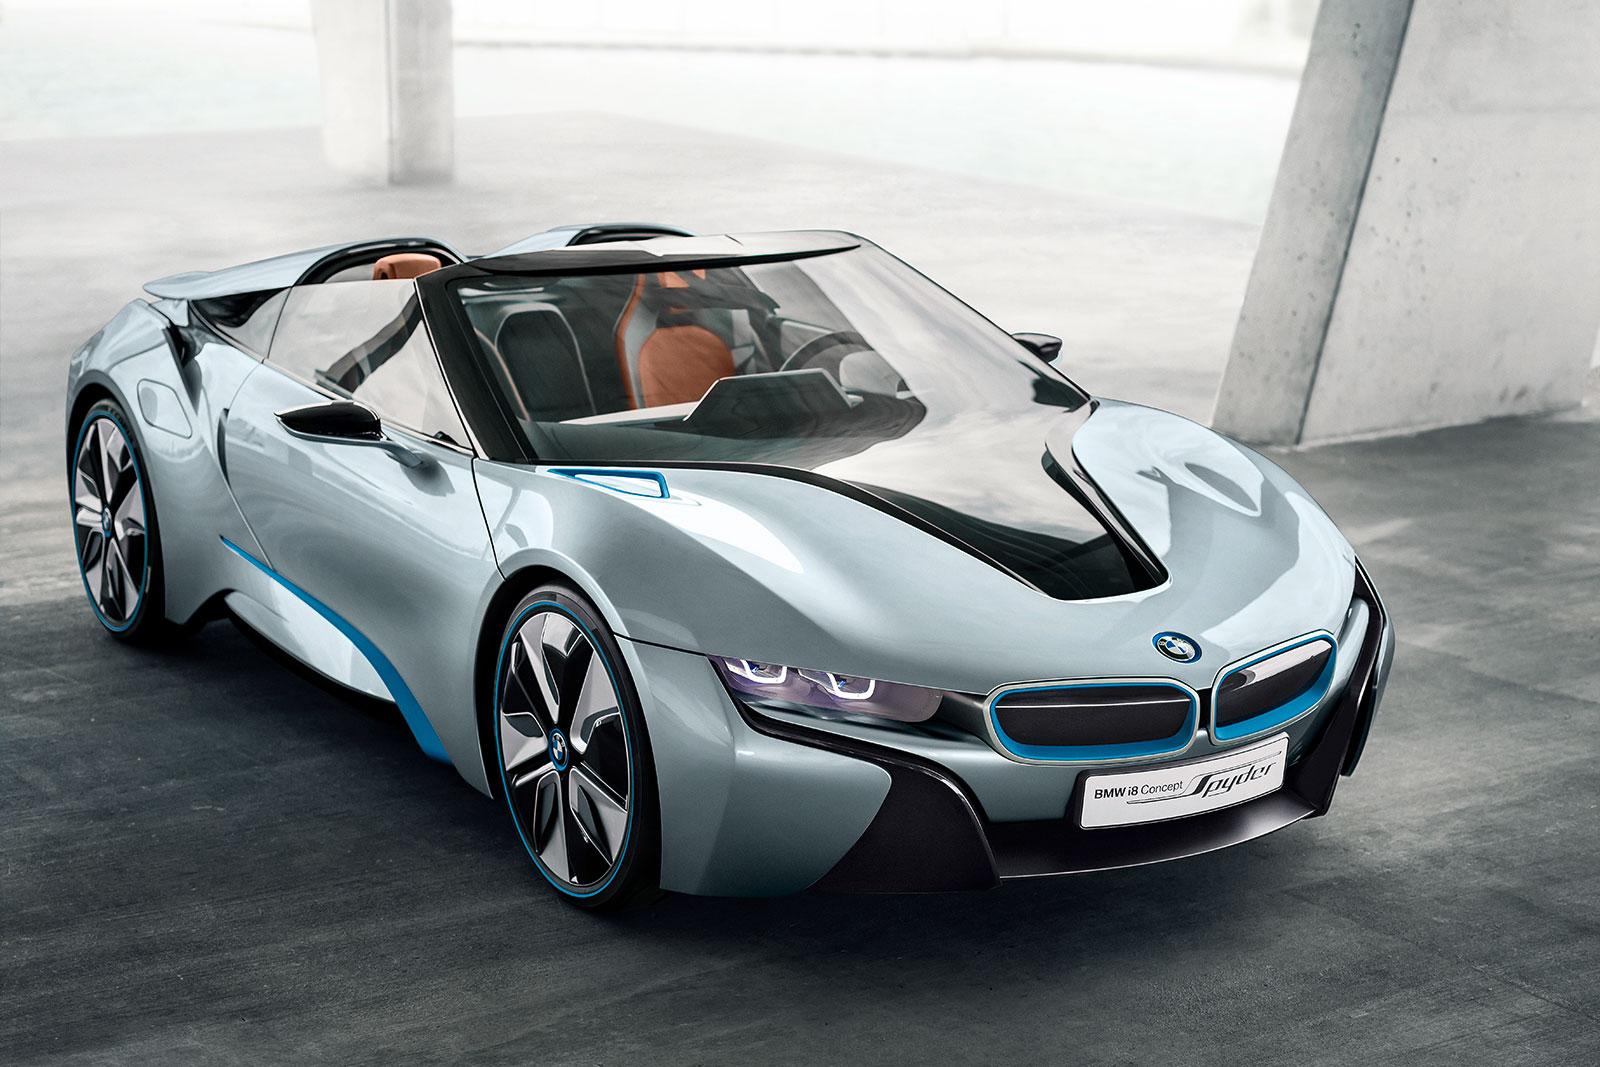 BMW i8 Concept Spyder free image download